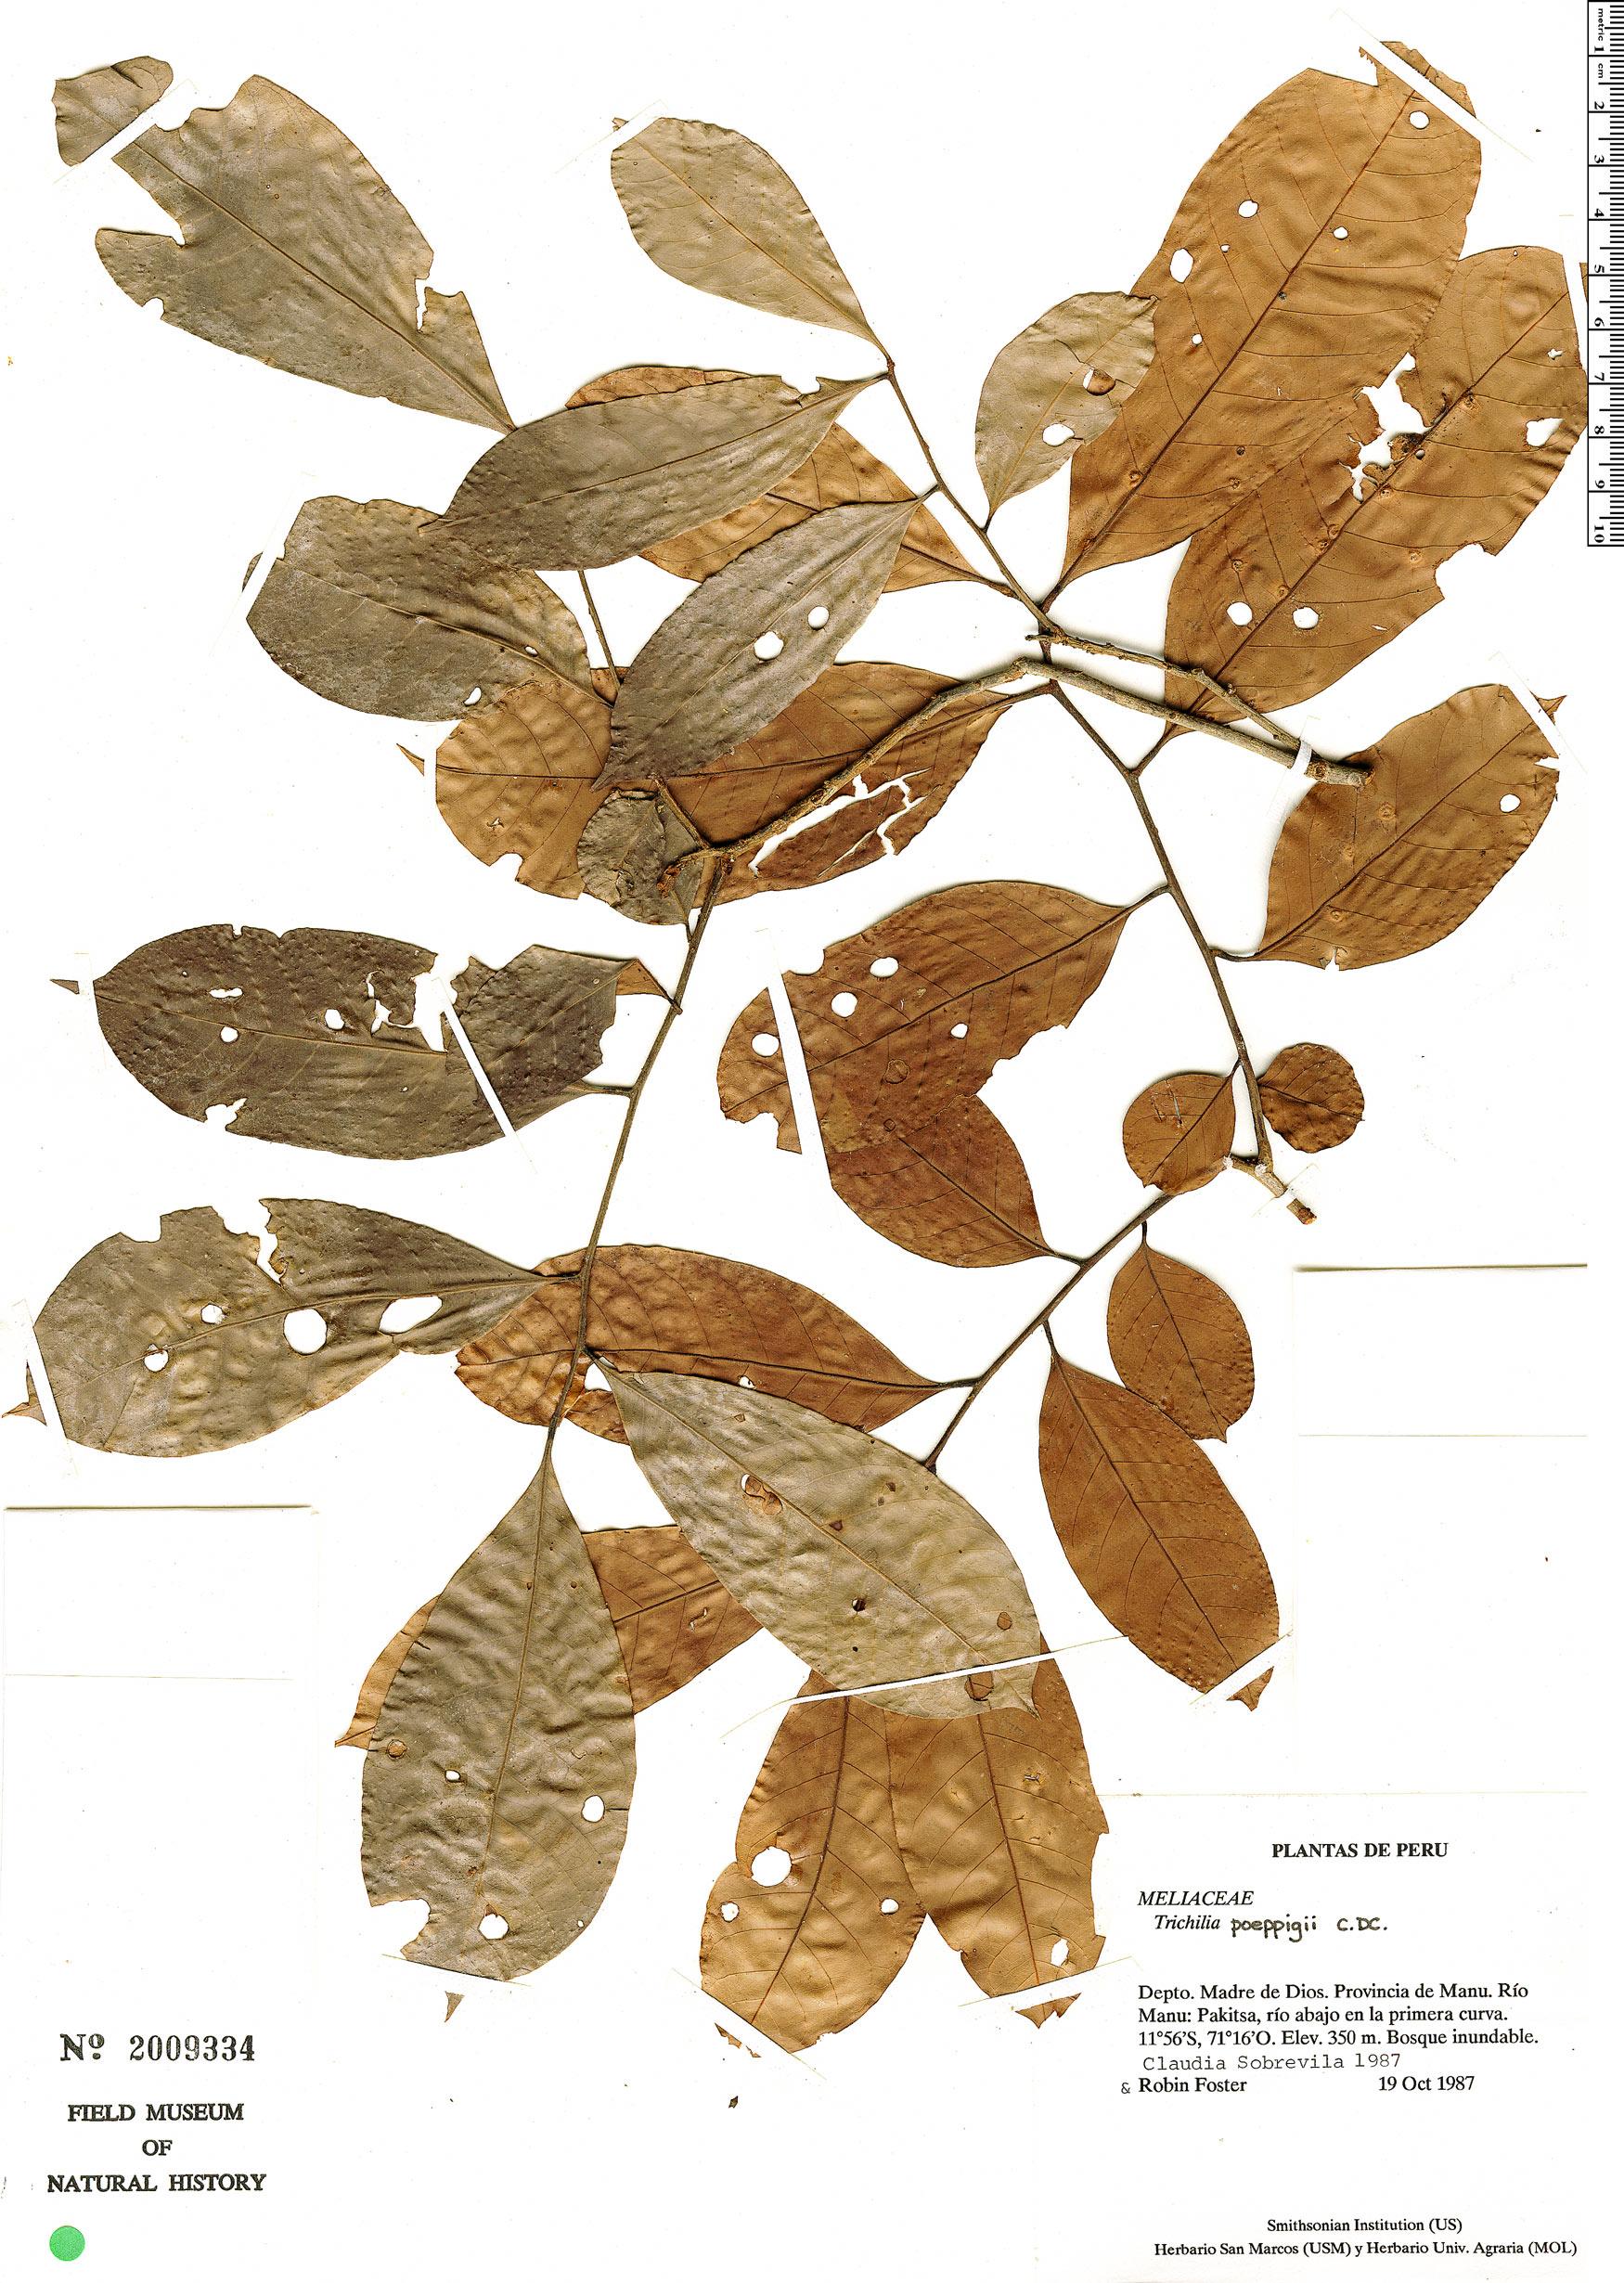 Specimen: Trichilia poeppigii